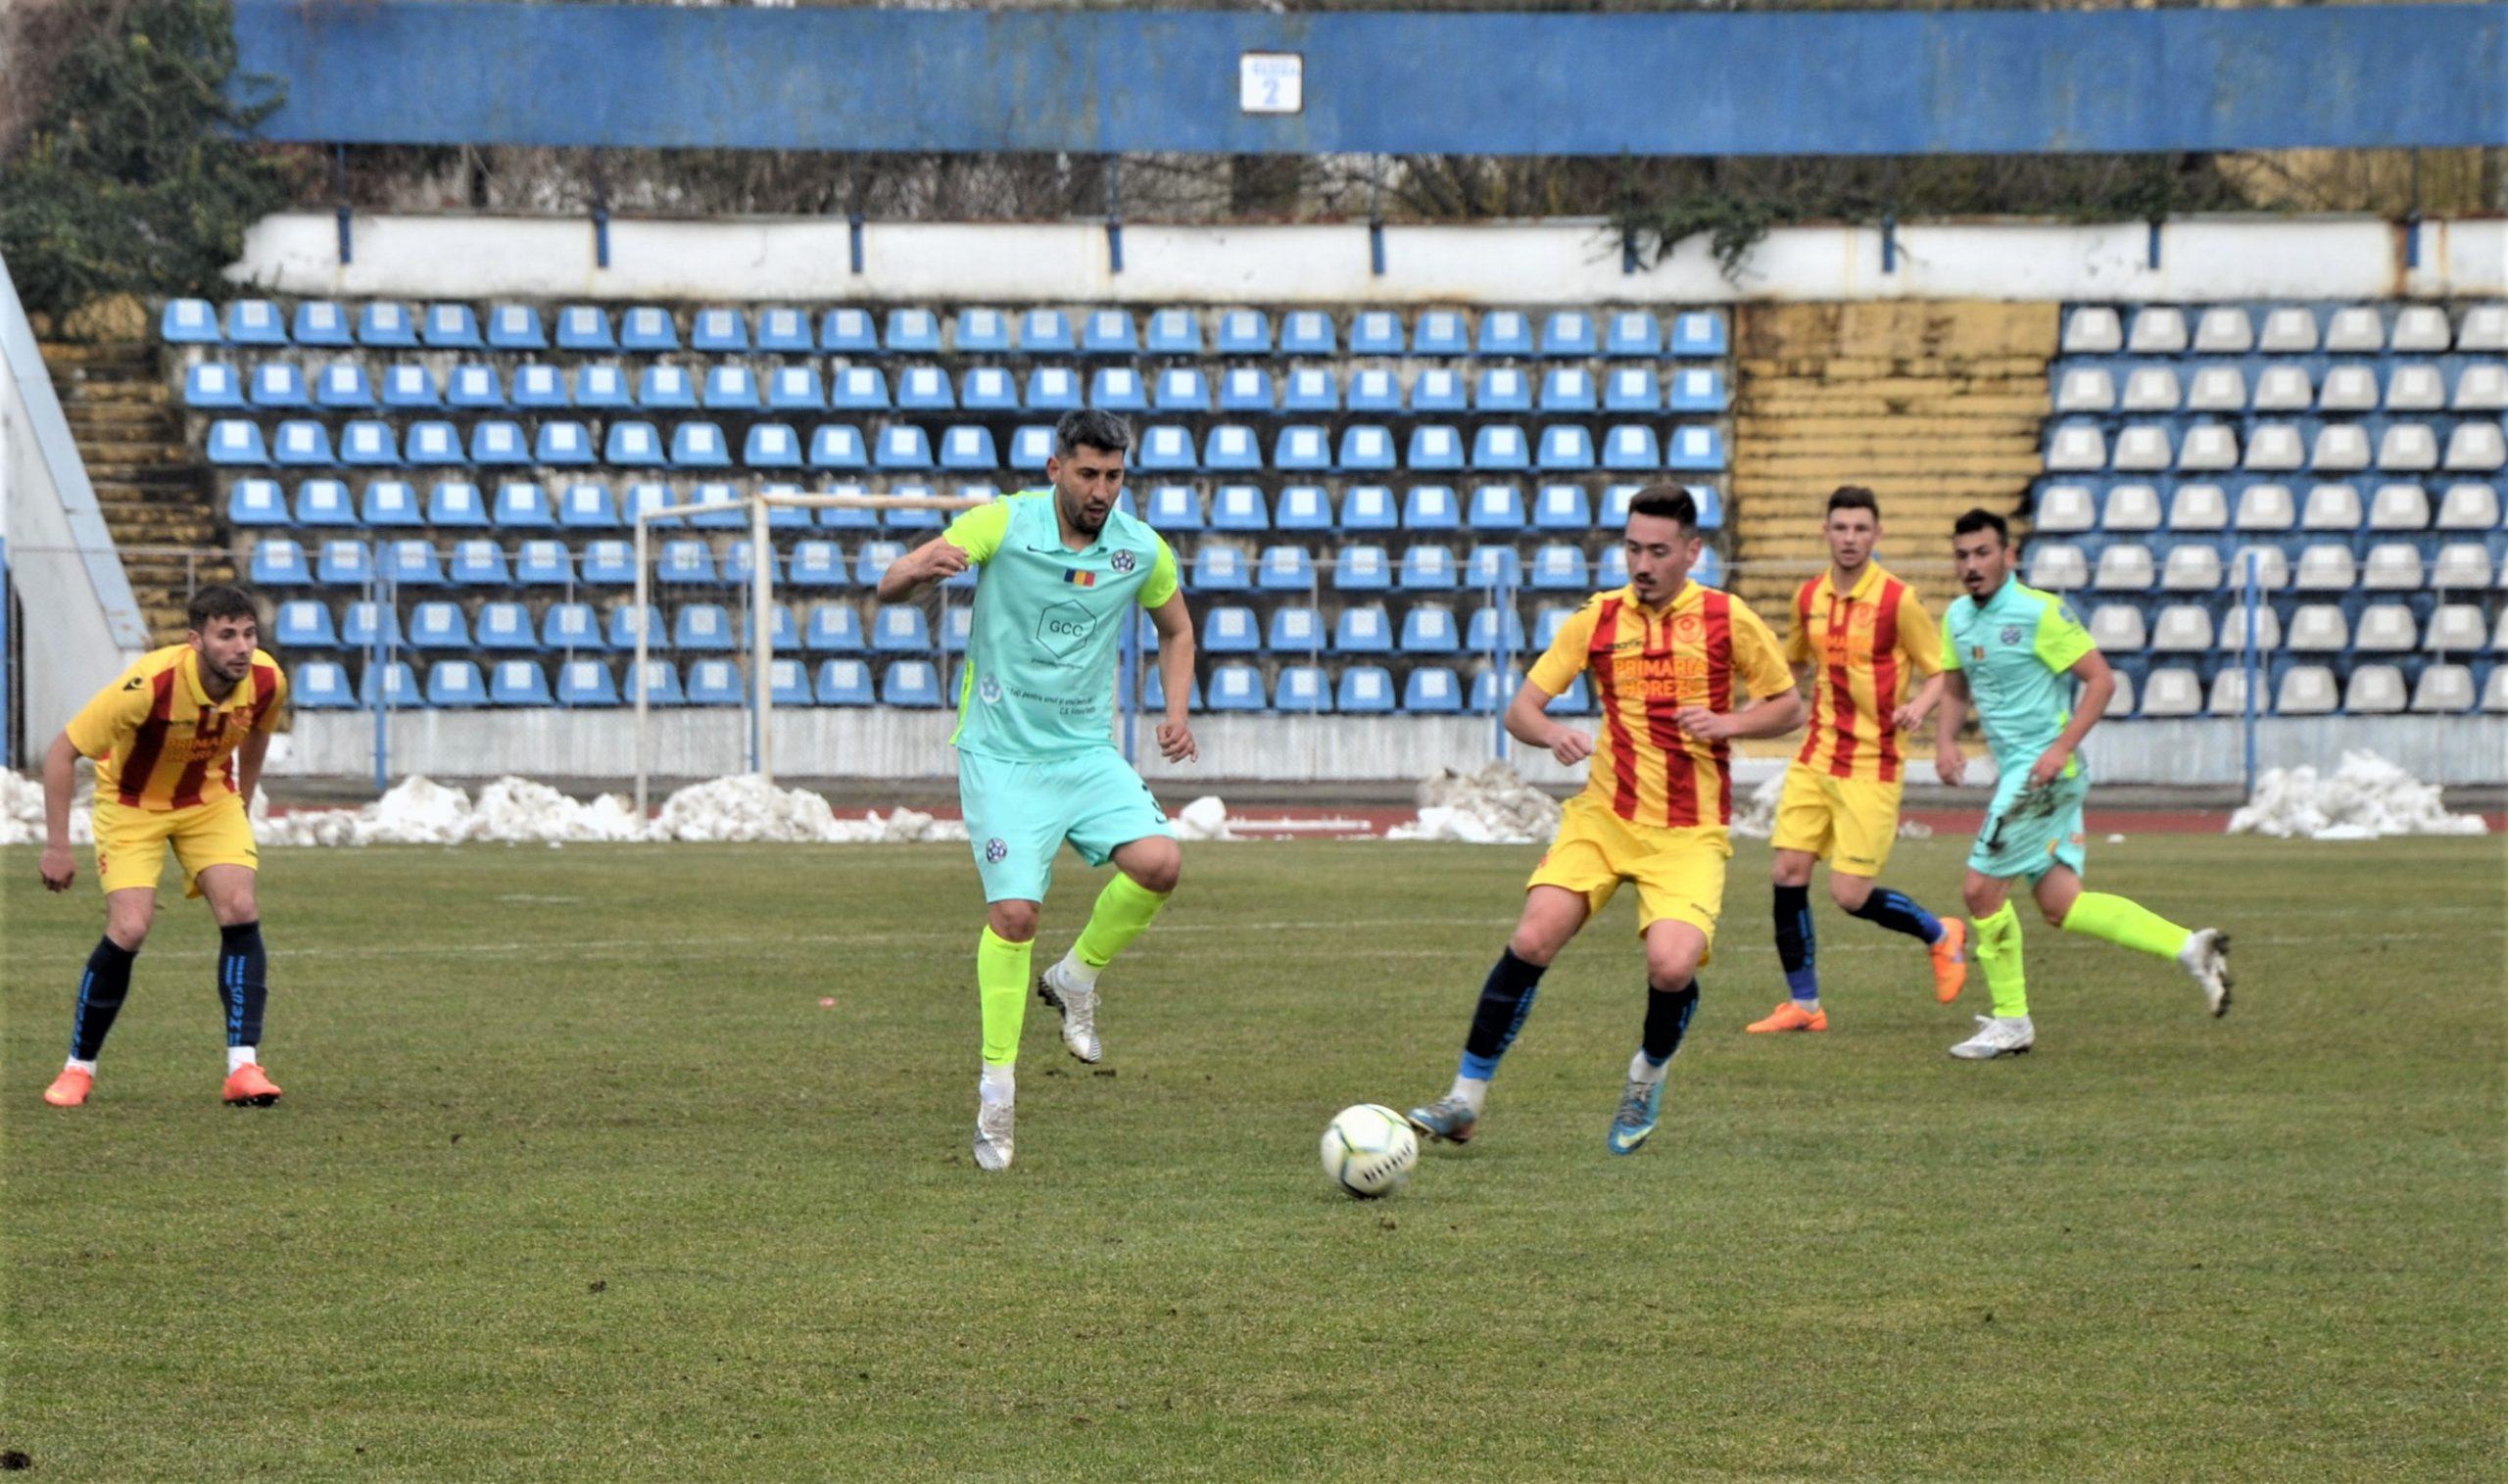 """Florin Costea: """"O să fac curând cursurile de antrenor, dar voi antrena doar după ce renunț să mai joc"""""""